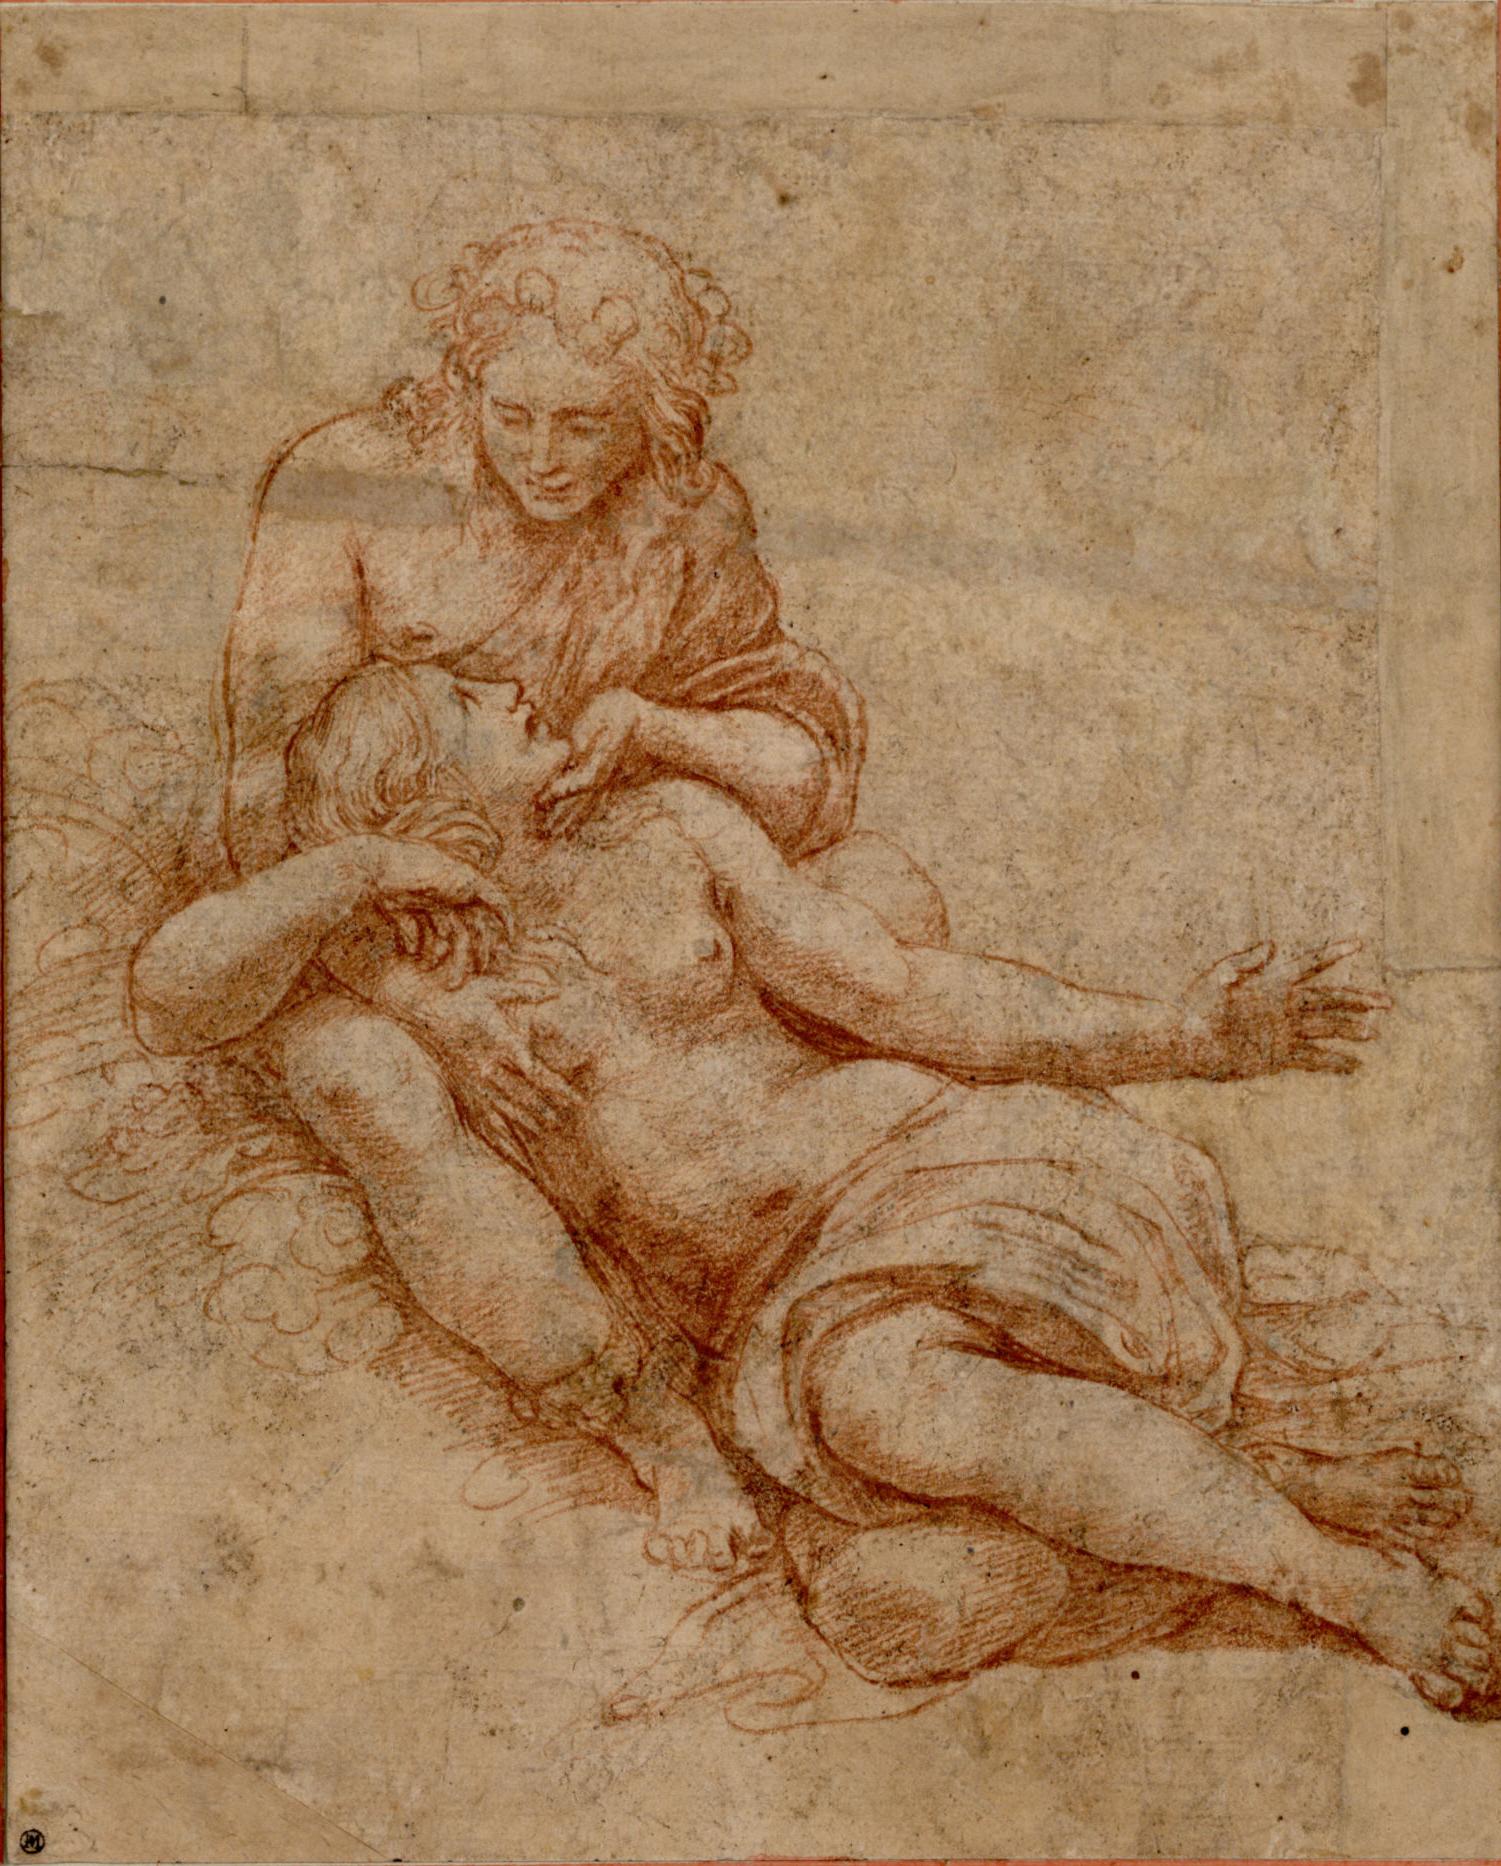 Giulio Romano, Venere e Adone, 1516, disegno a sanguigna. Vienna, Albertina